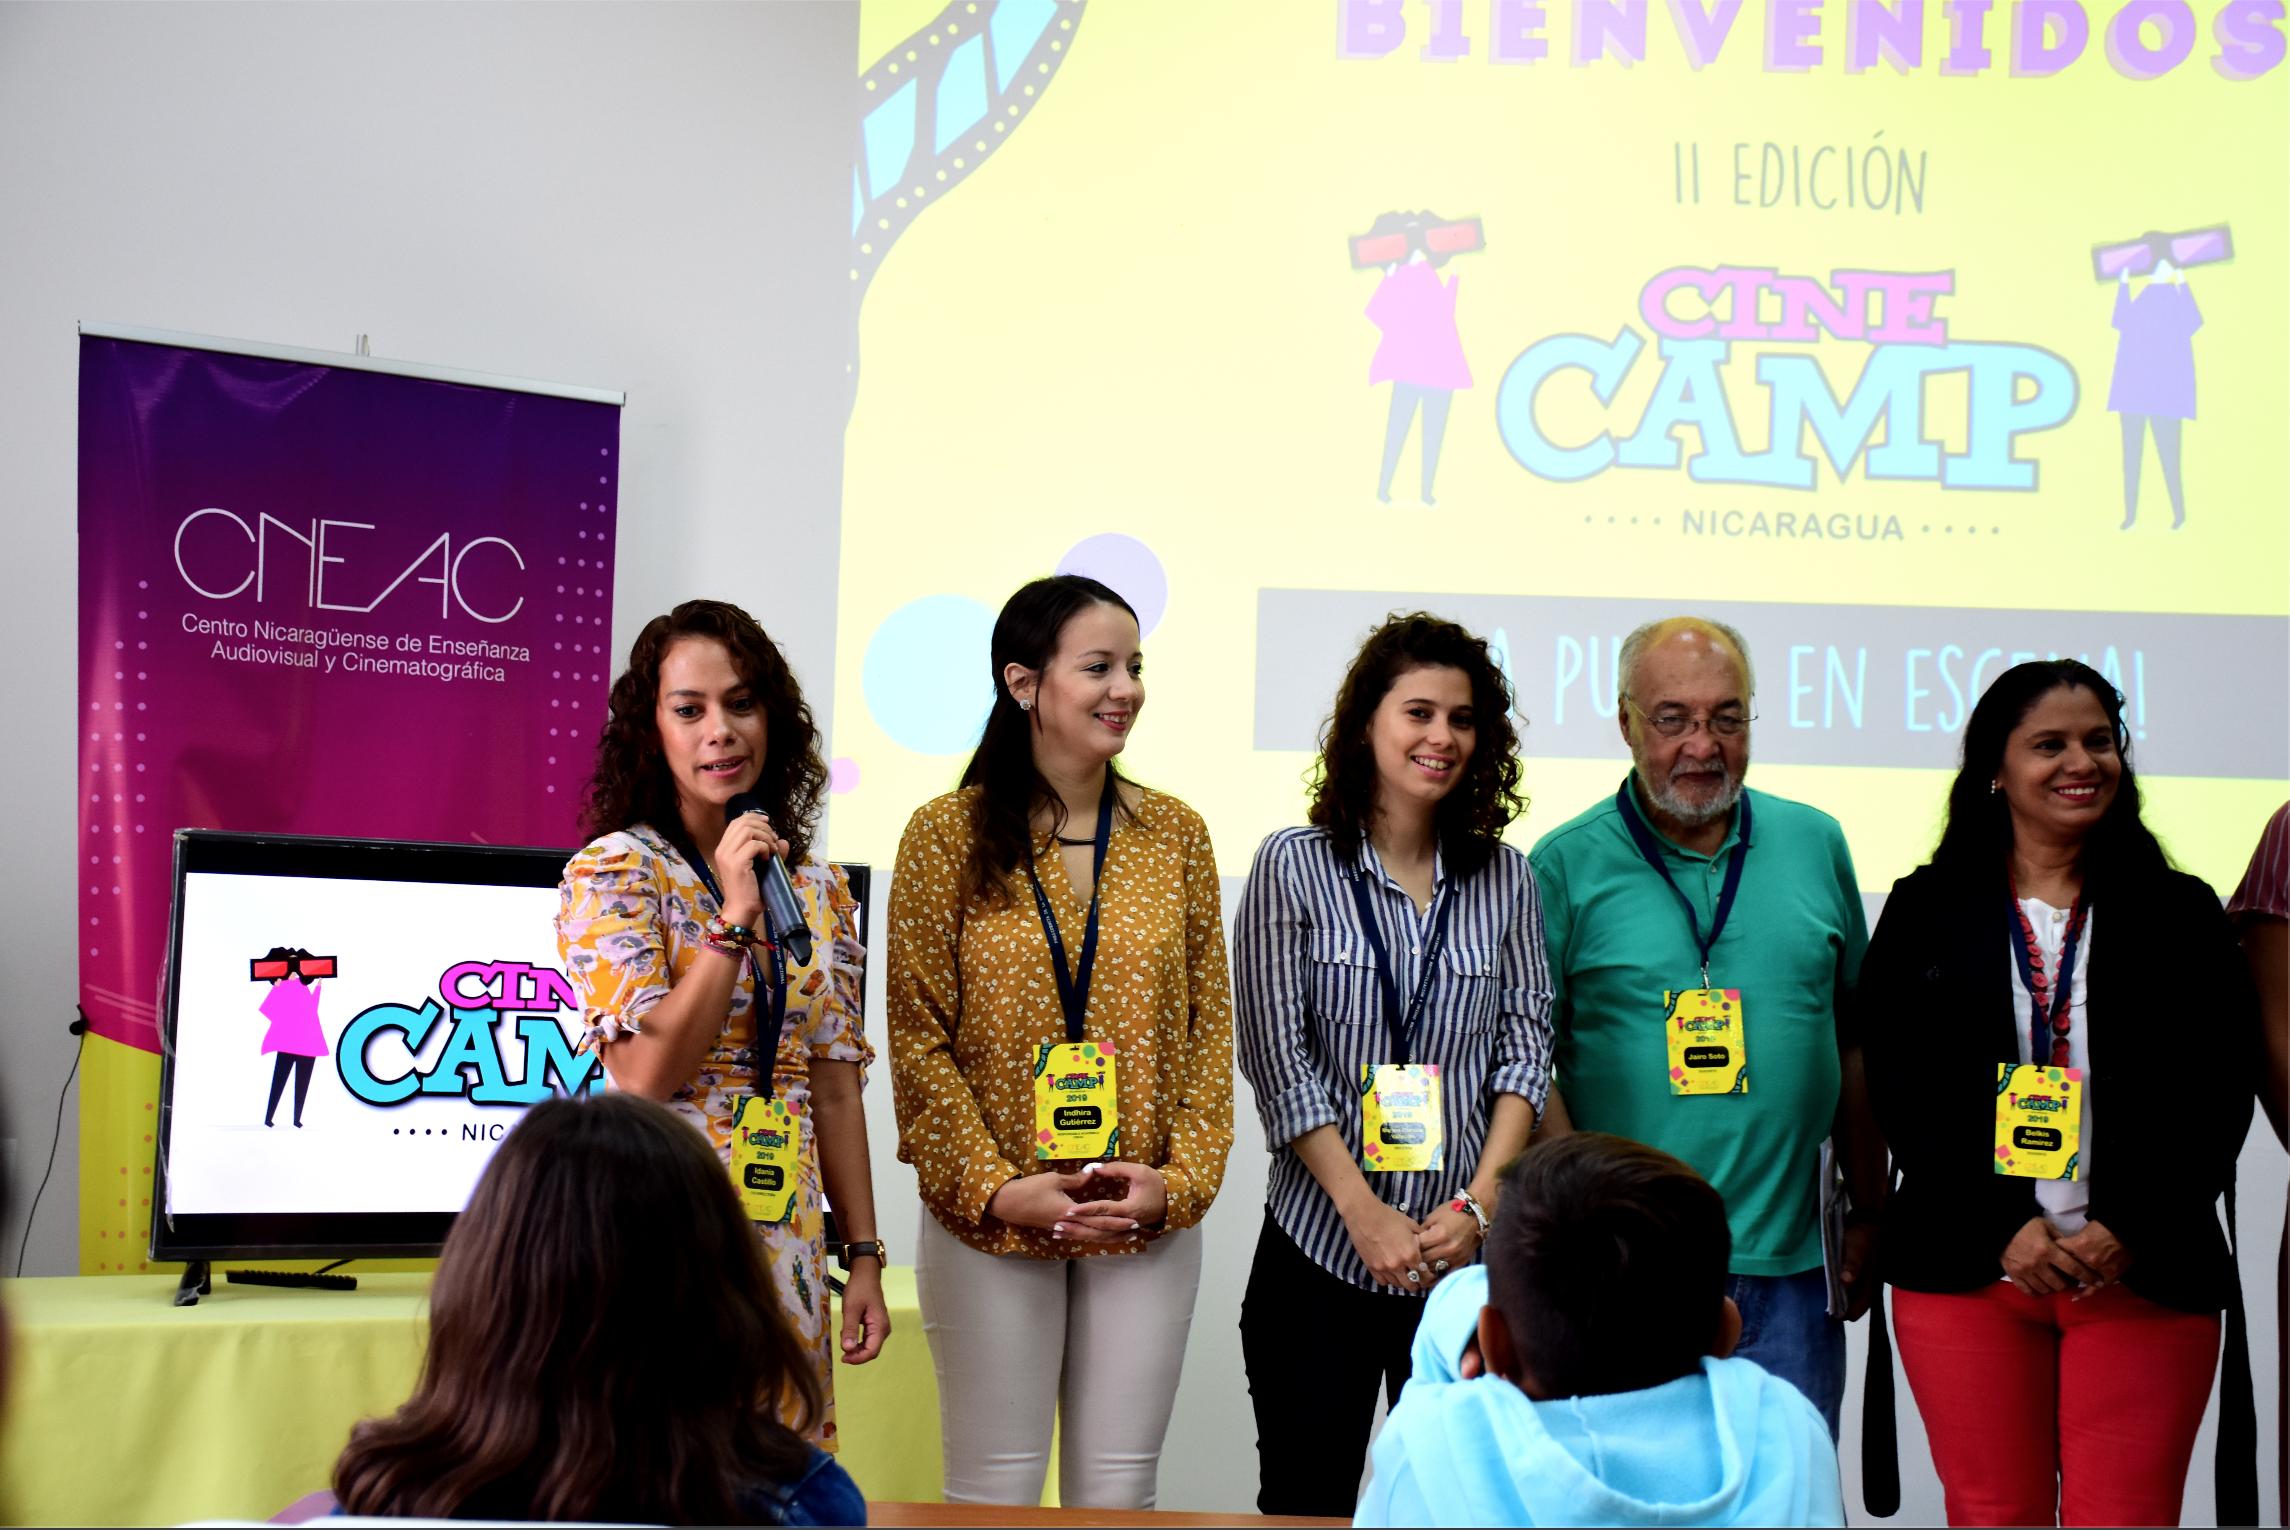 Inicia la 2da Edición Cine Camp Nicaragua: ¡La puesta en escena! - Cinemateca Nacional Nicaragua